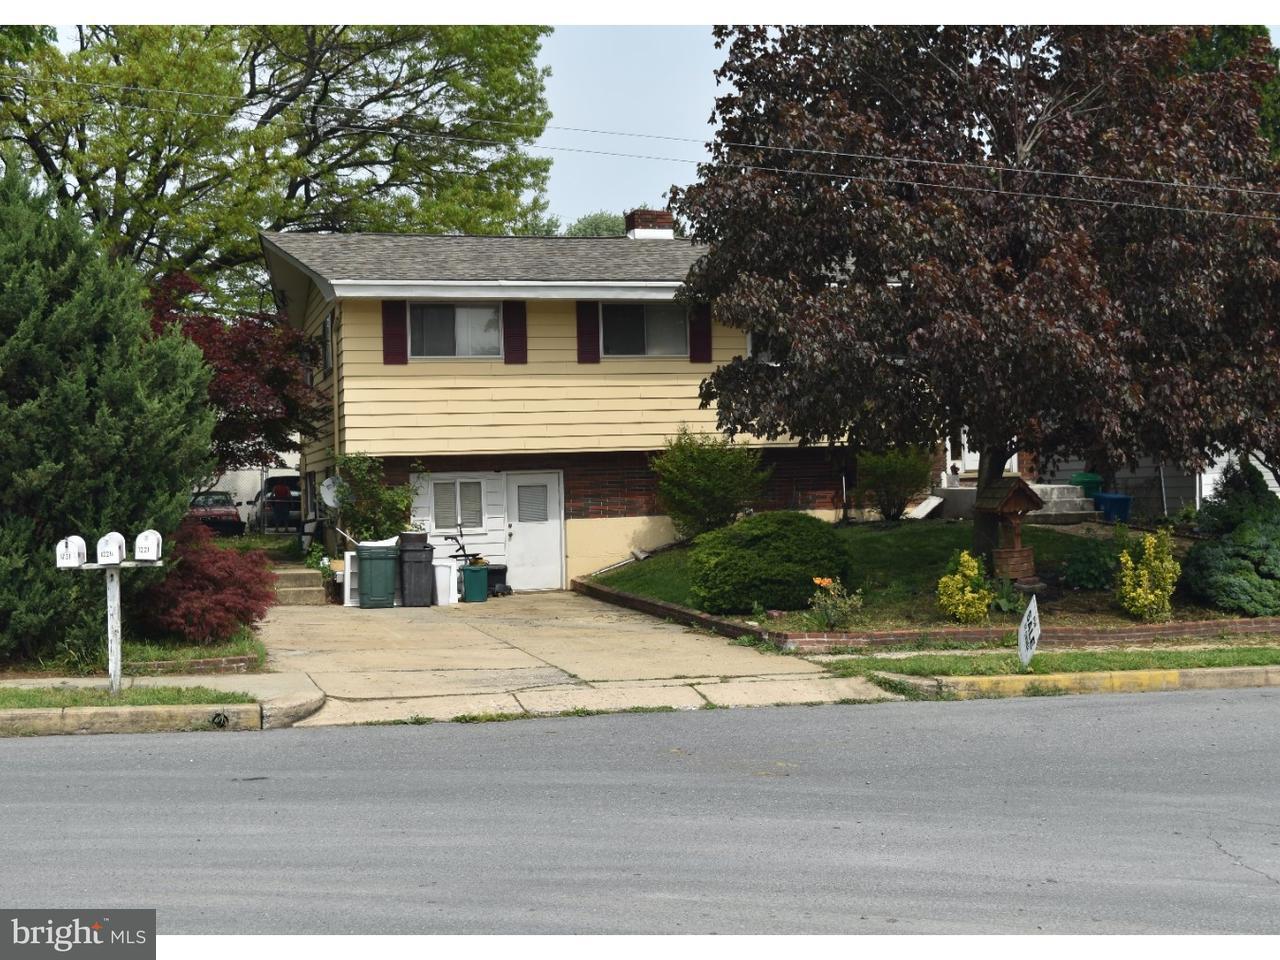 Casa Unifamiliar por un Venta en 1221 WAYNE Street Reading, Pennsylvania 19601 Estados Unidos